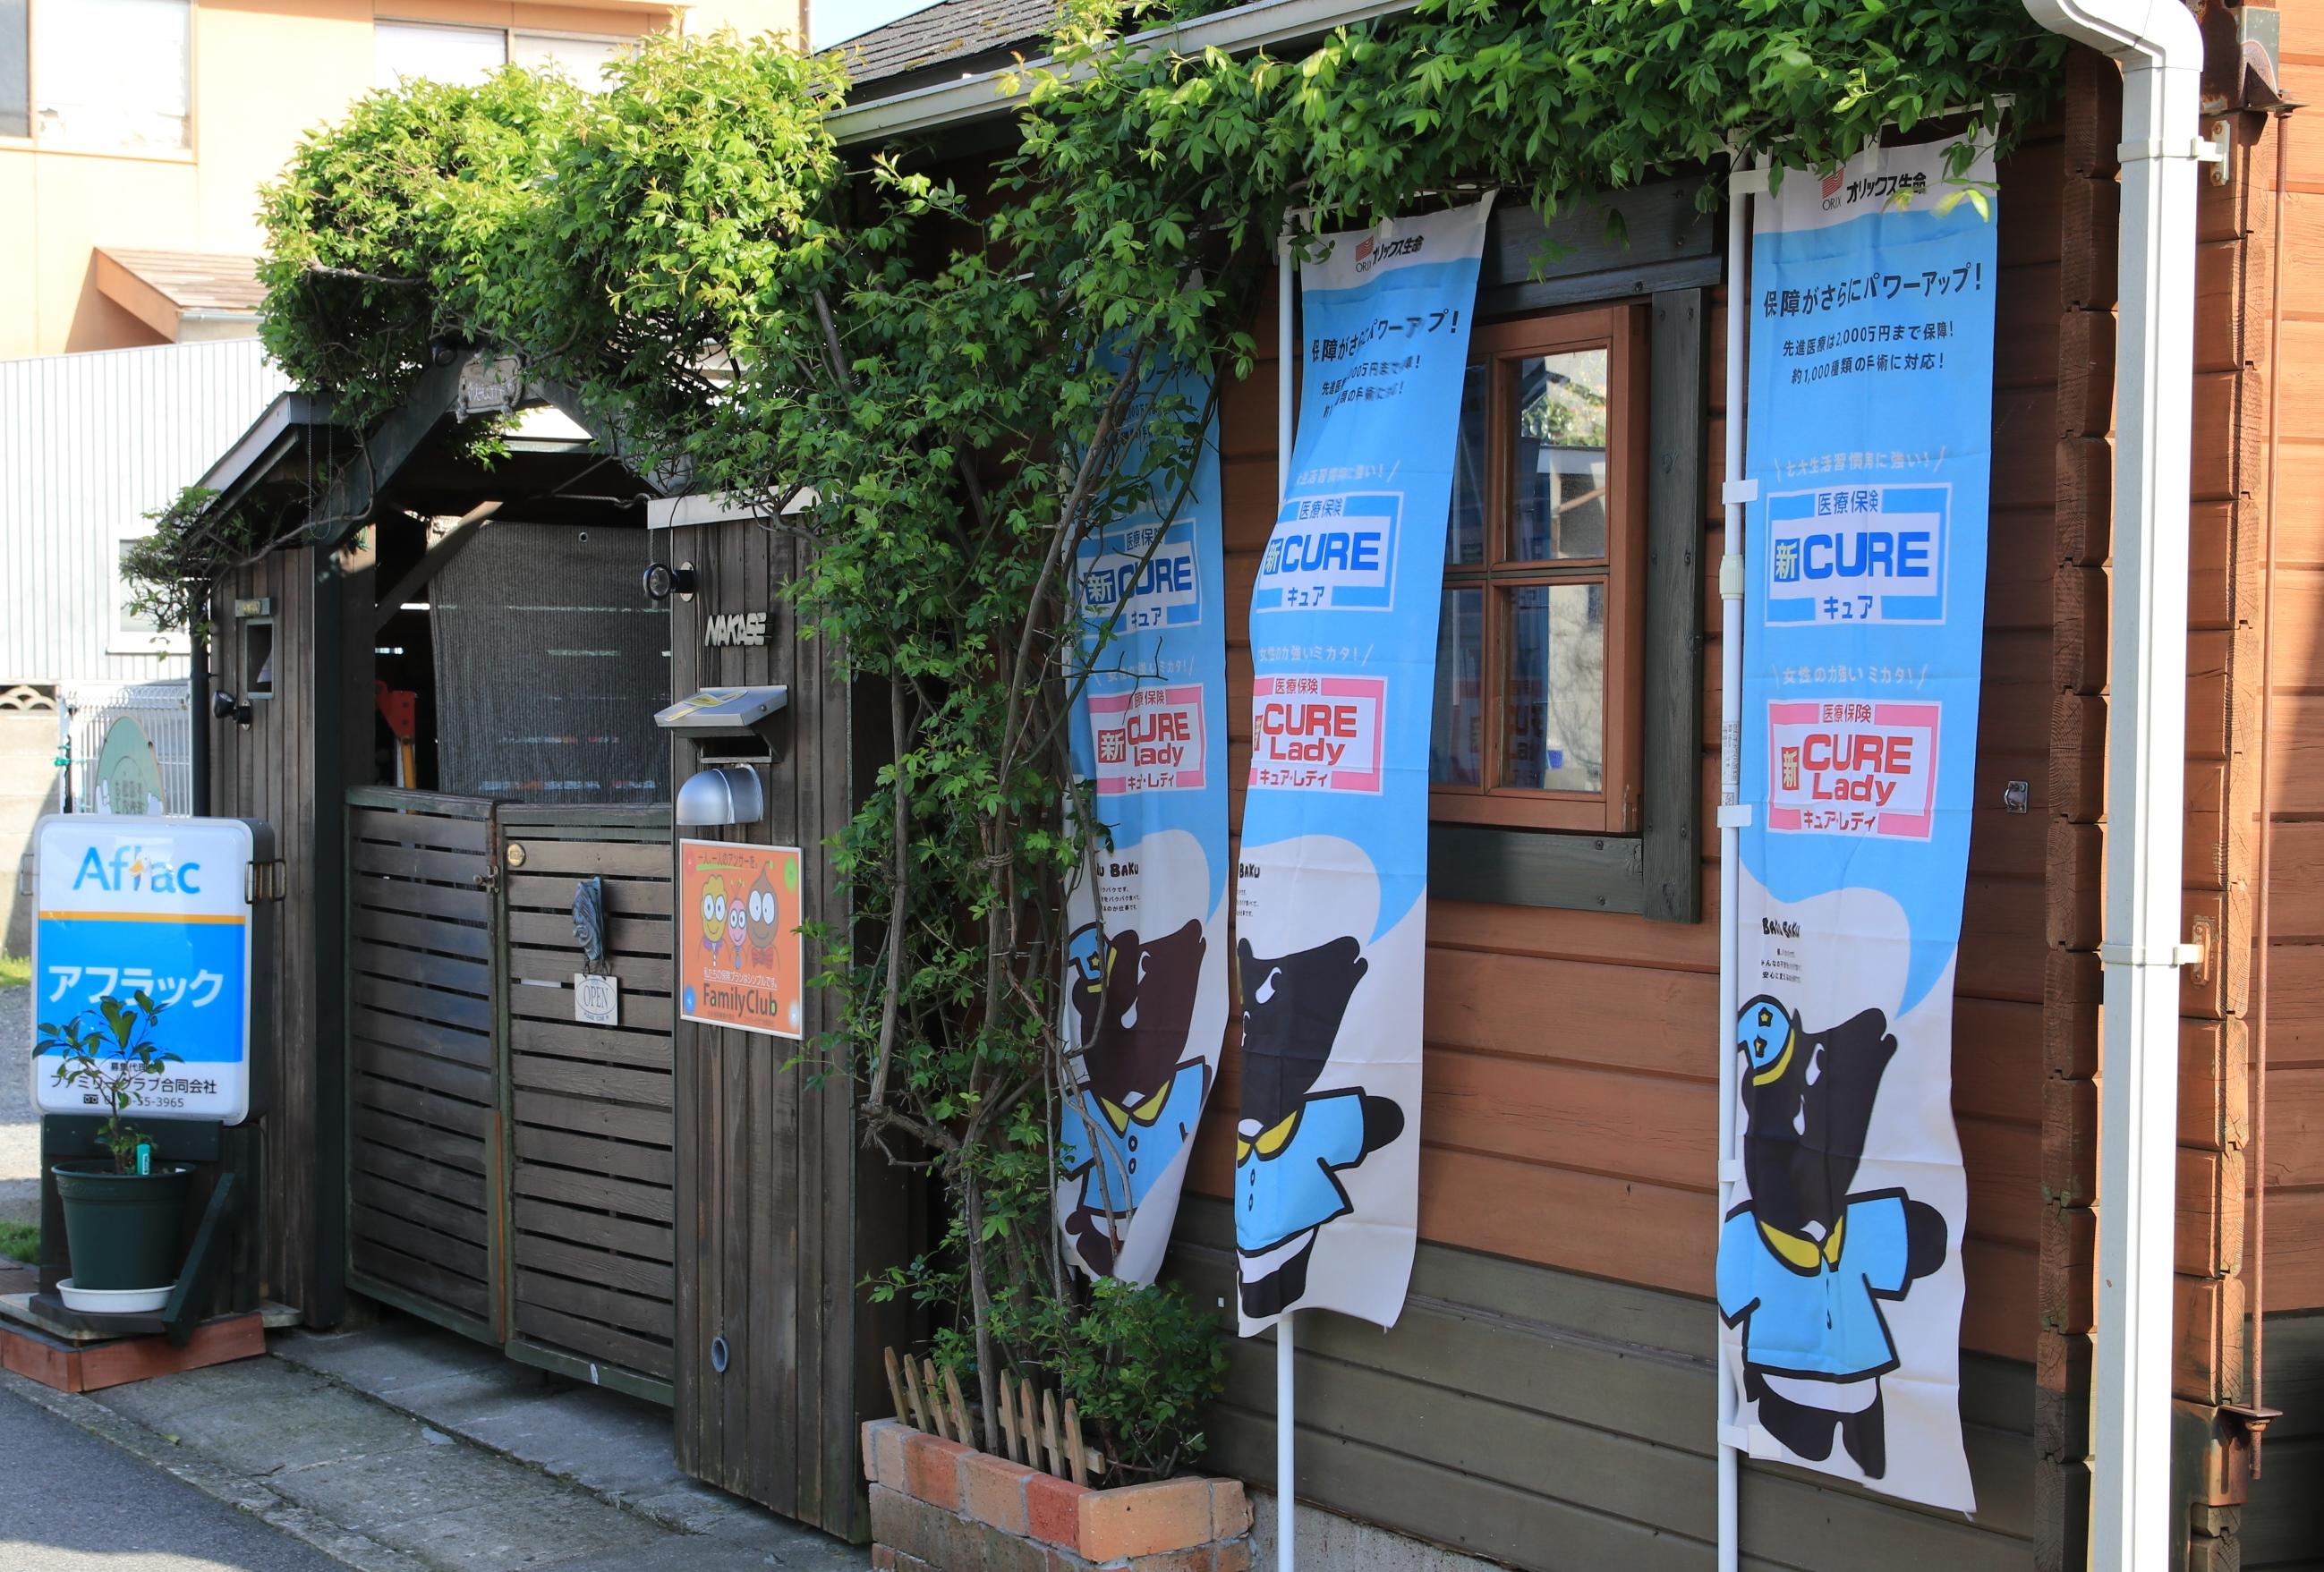 ファミリークラブ湊町店